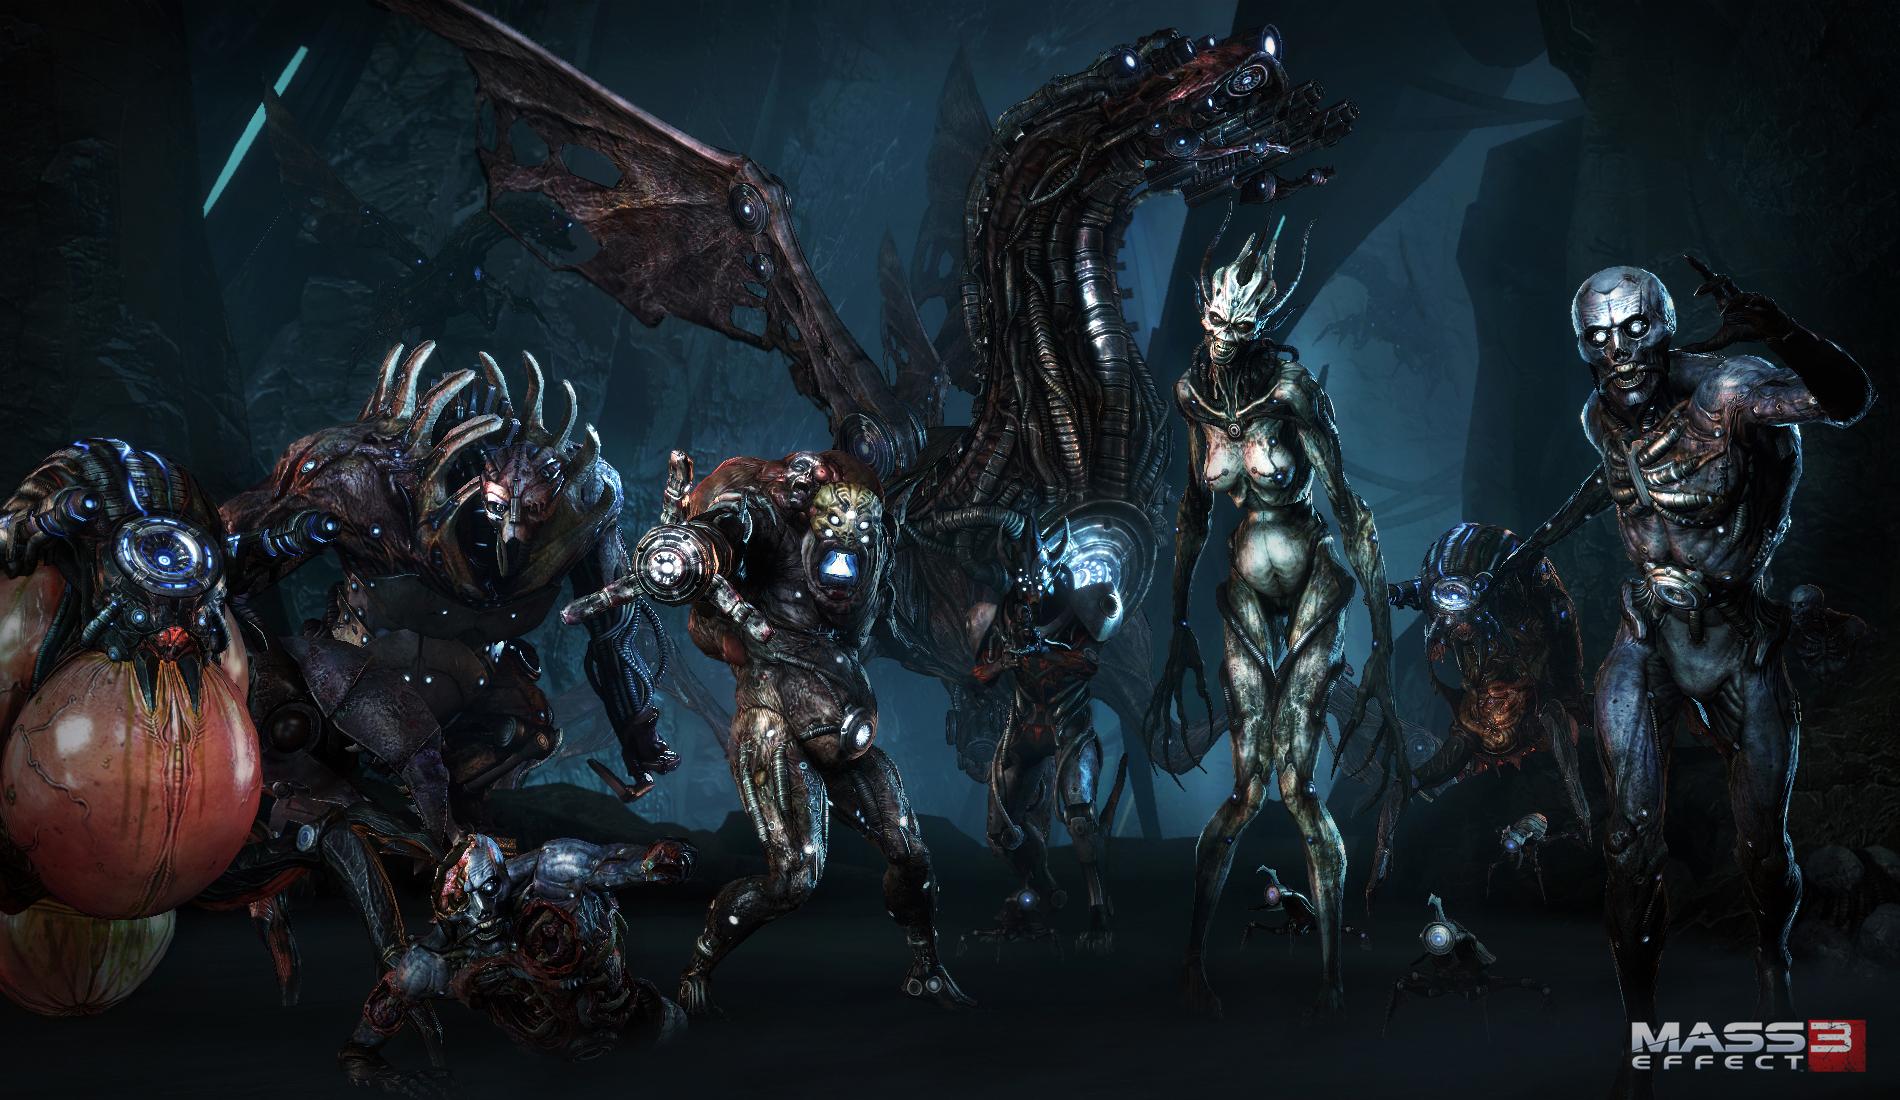 Mass Effect 3 Computer Wallpapers, Desktop Backgrounds | 1900x1100